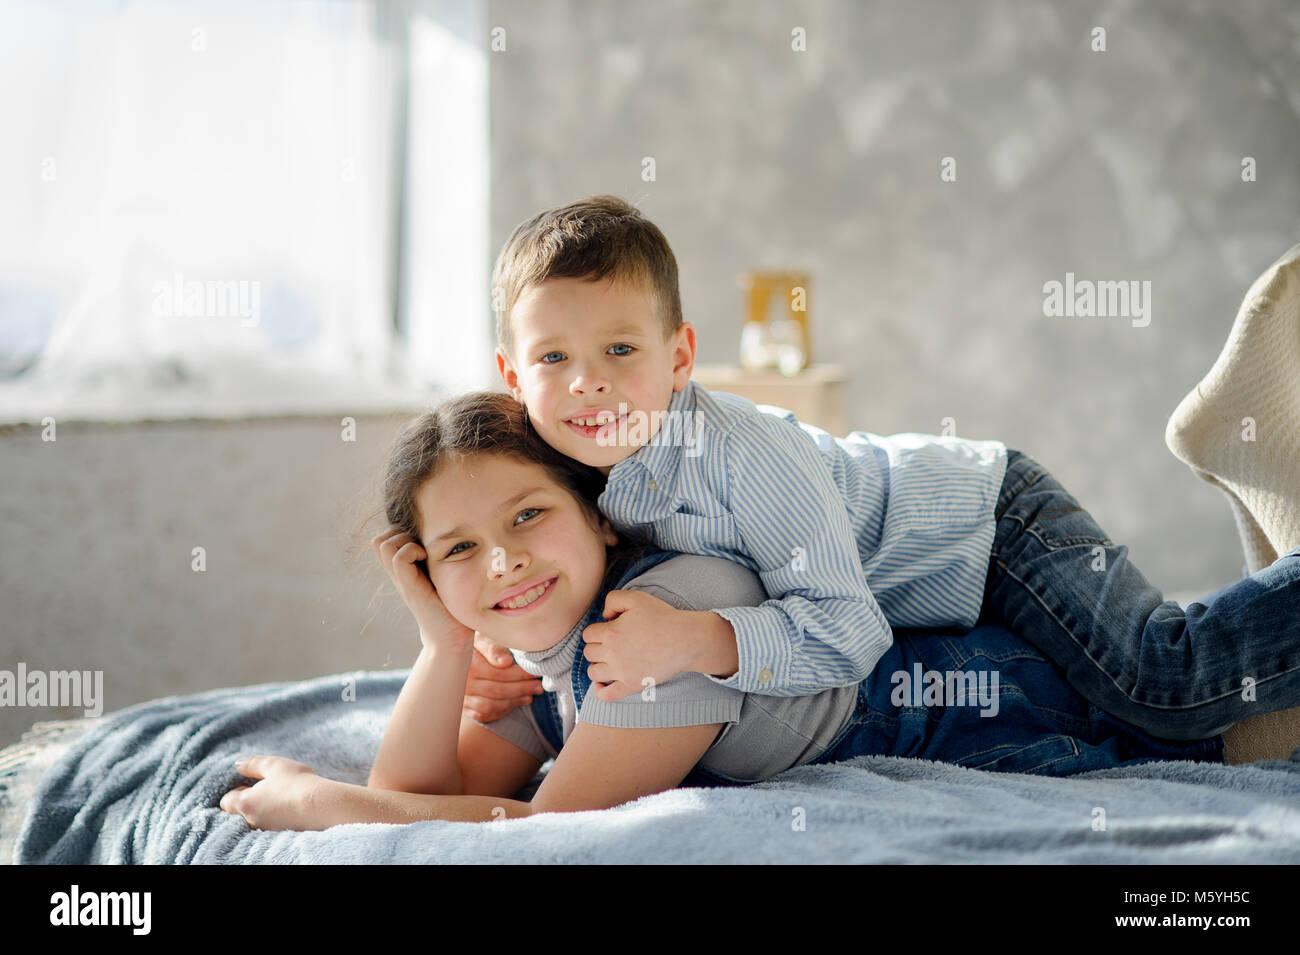 https www alamyimages fr photo image deux enfants le garcon et la fille se coucher sur un lit le jeune frere embrasse ainee pour les epaules les enfants ont une bonne humeur 175783144 html